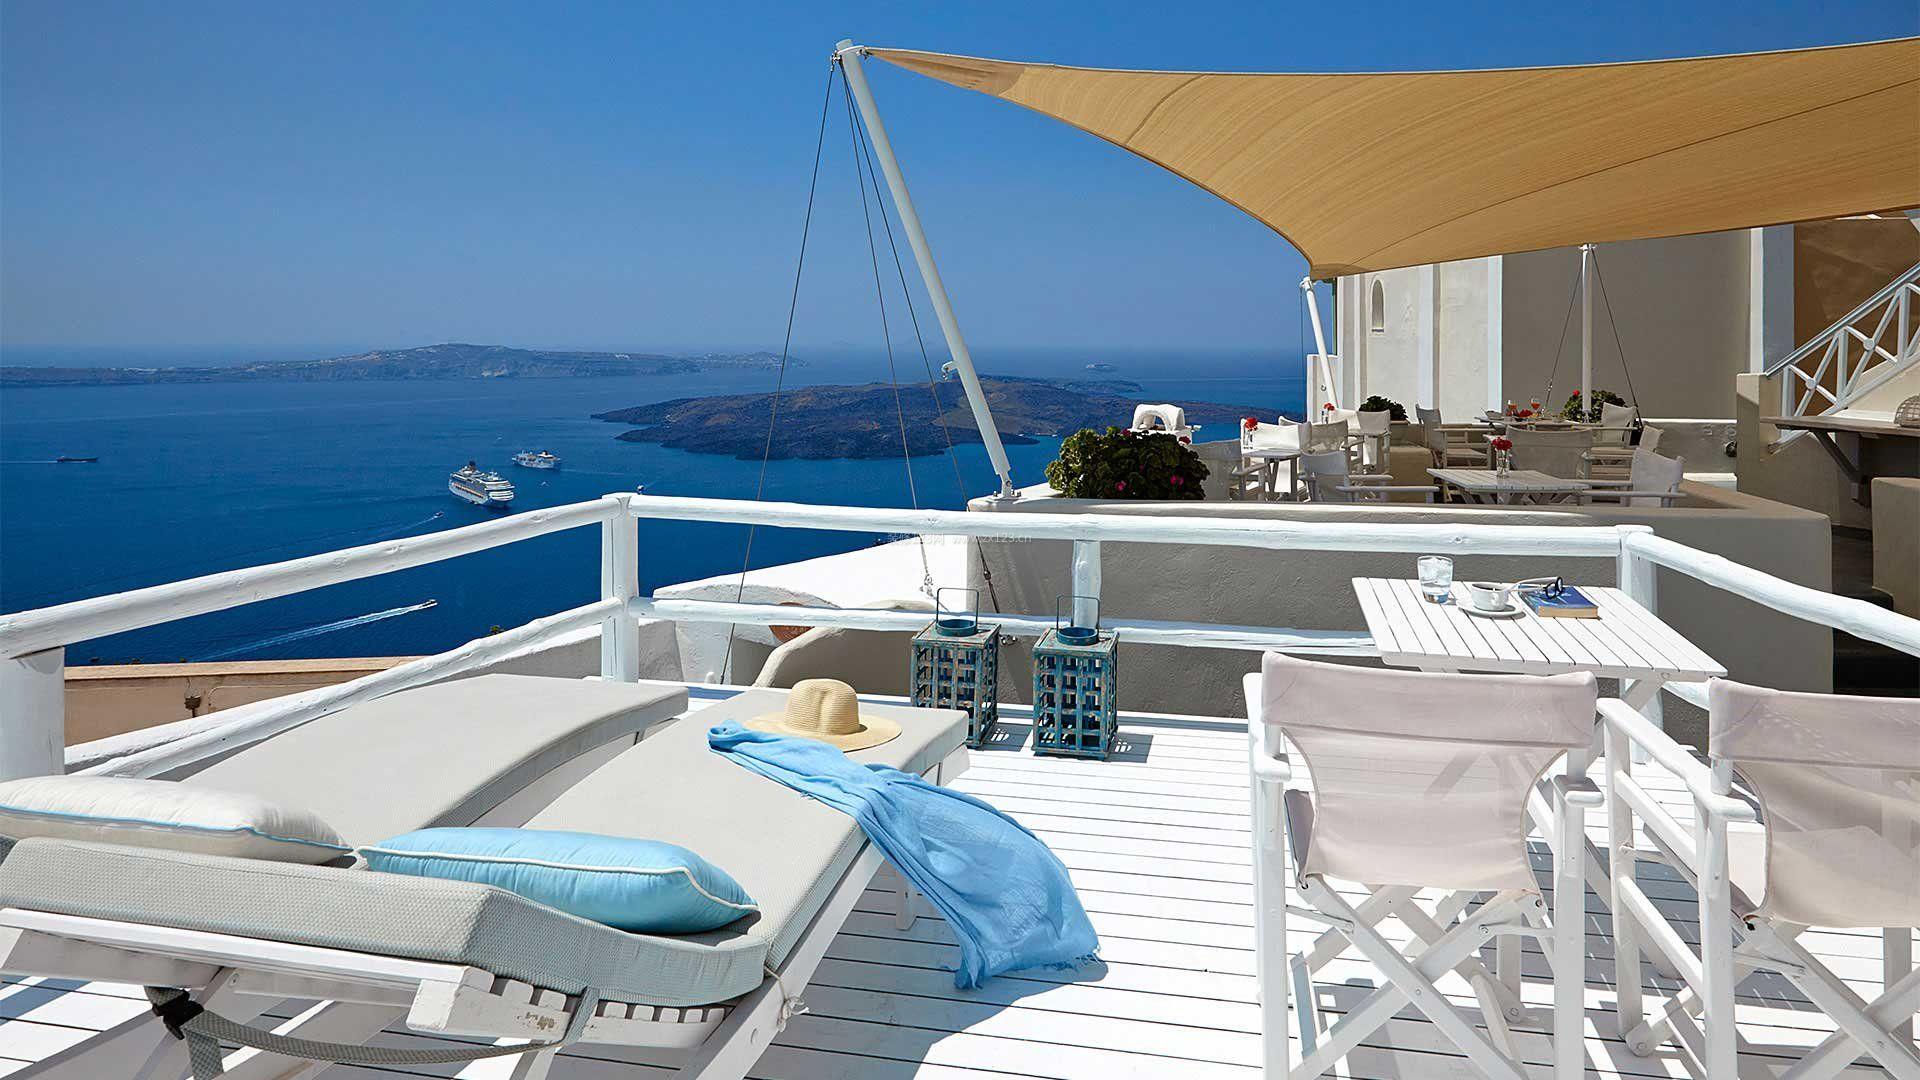 海边别墅房屋阳台图片